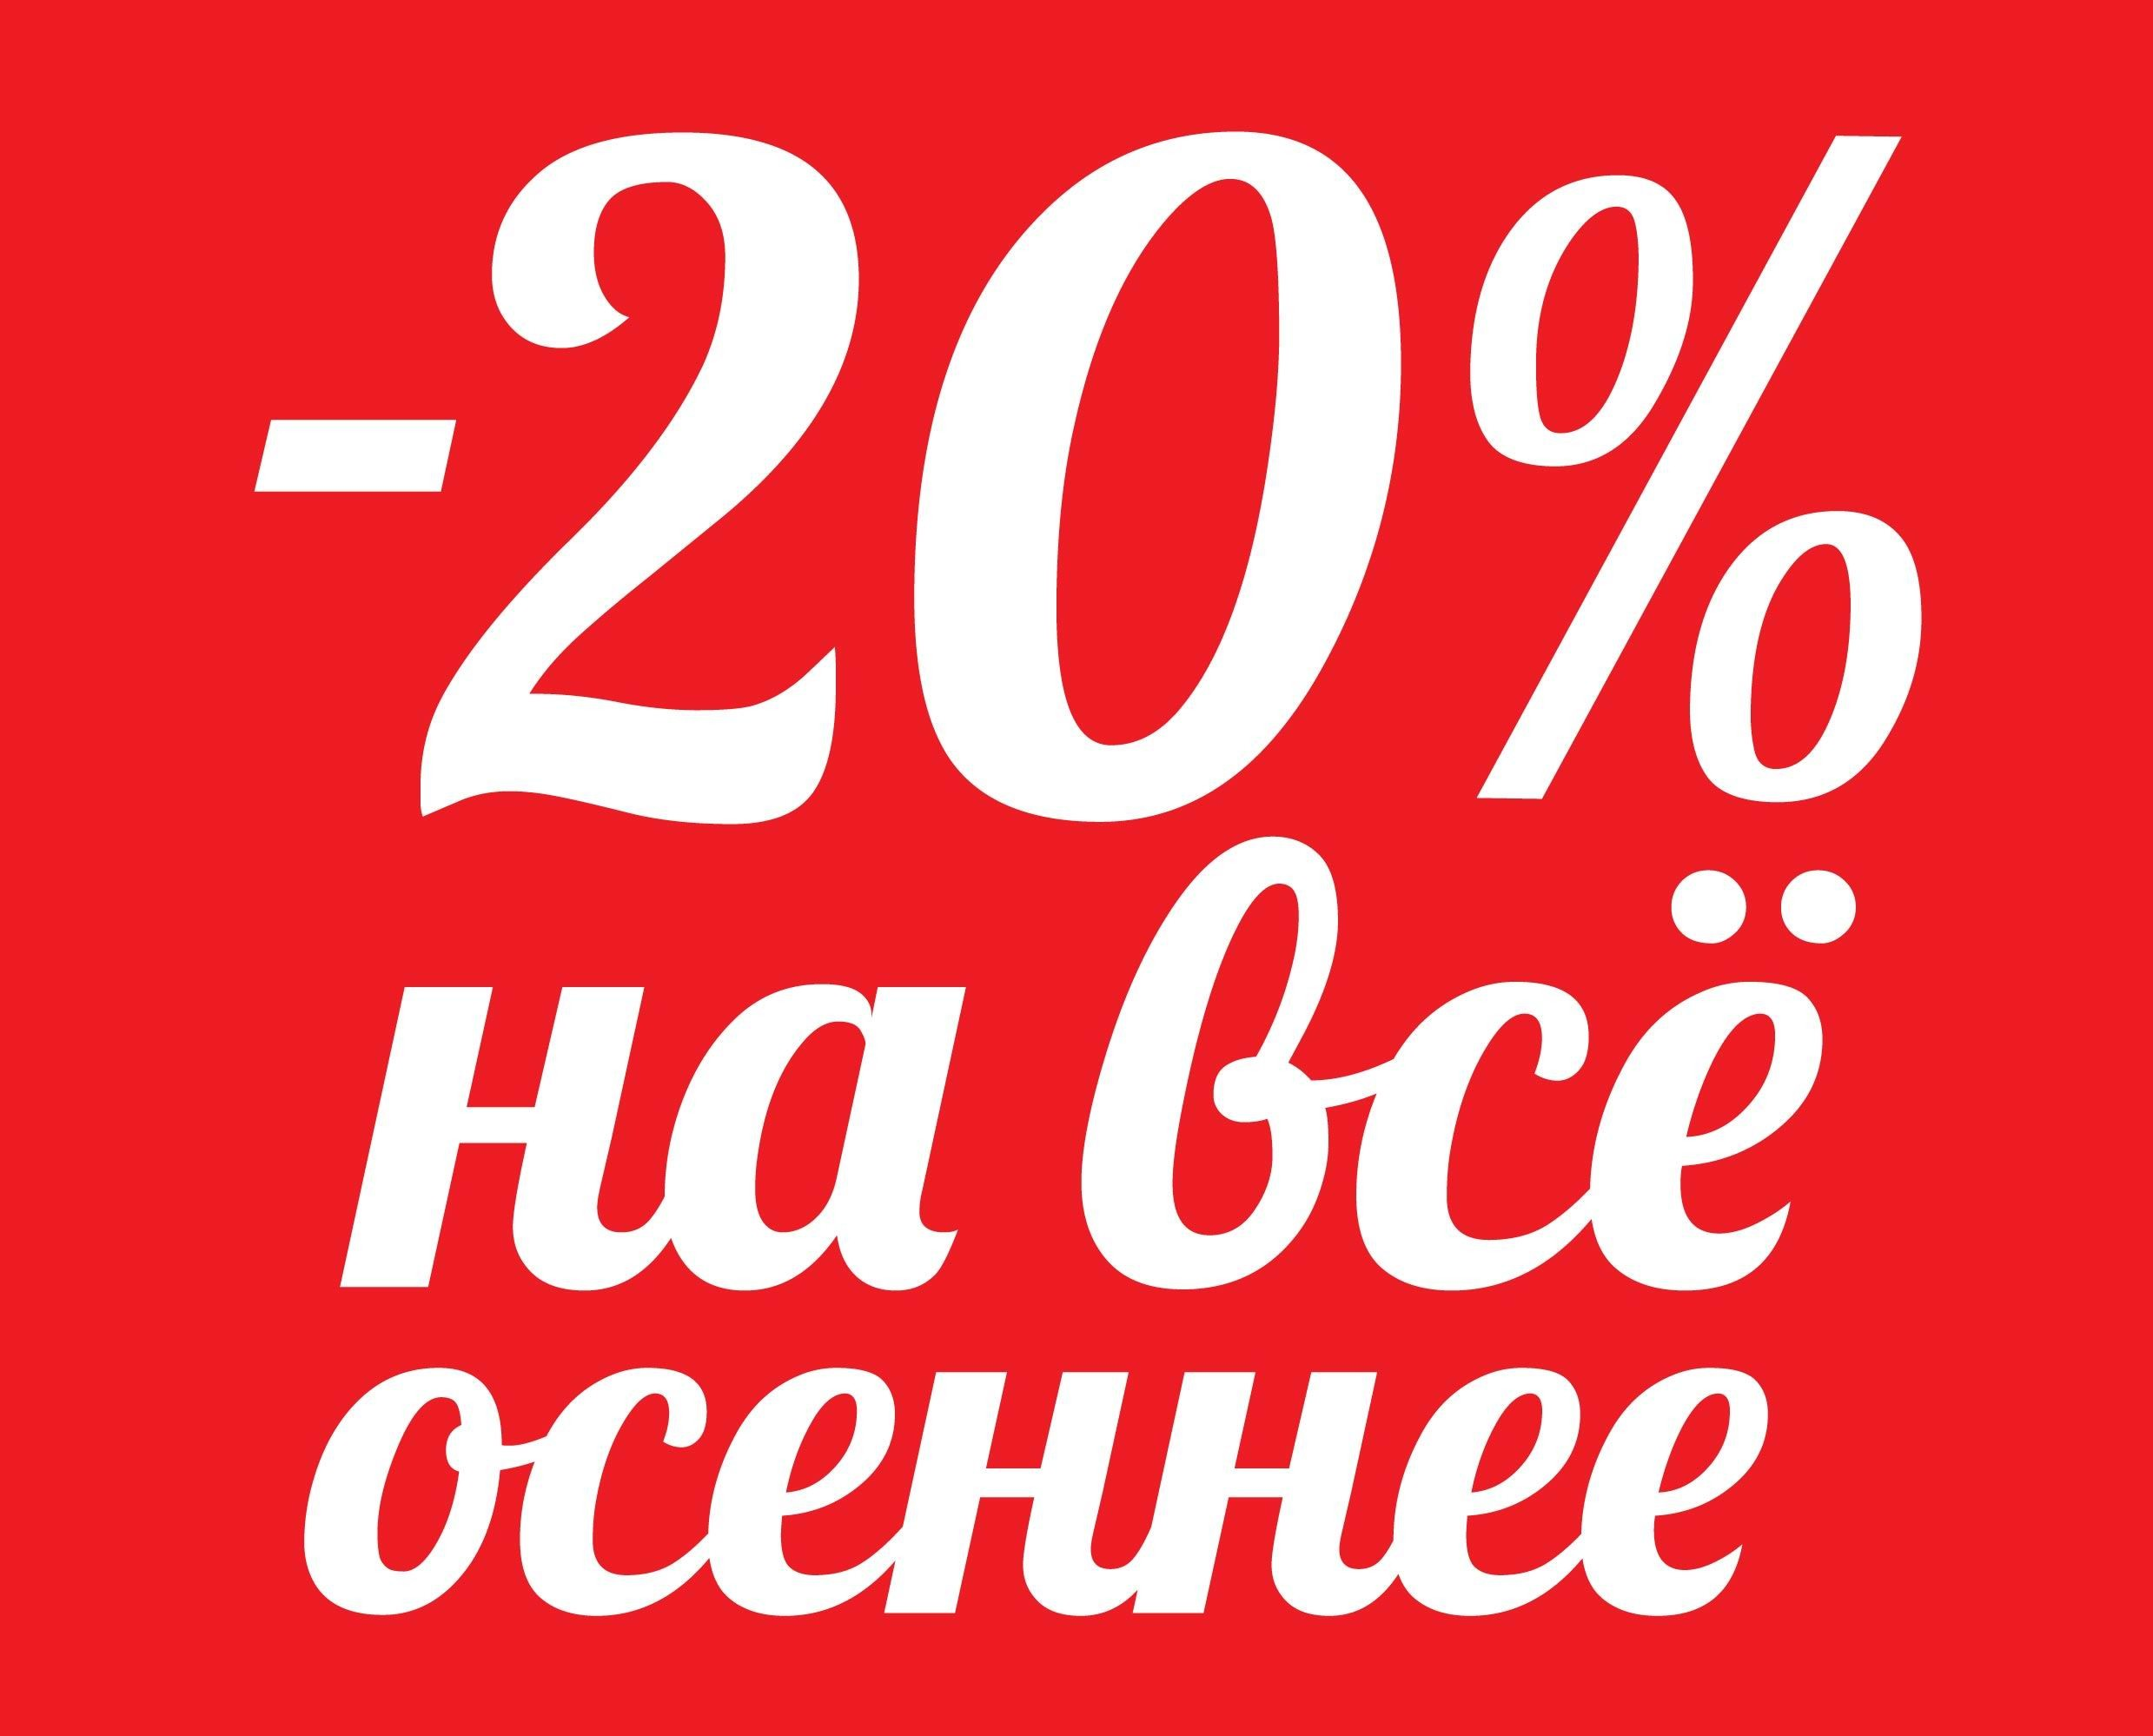 ee5a60b1e Скидка 20% на все осенние модели обуви и аксессуаров в магазине Эконика